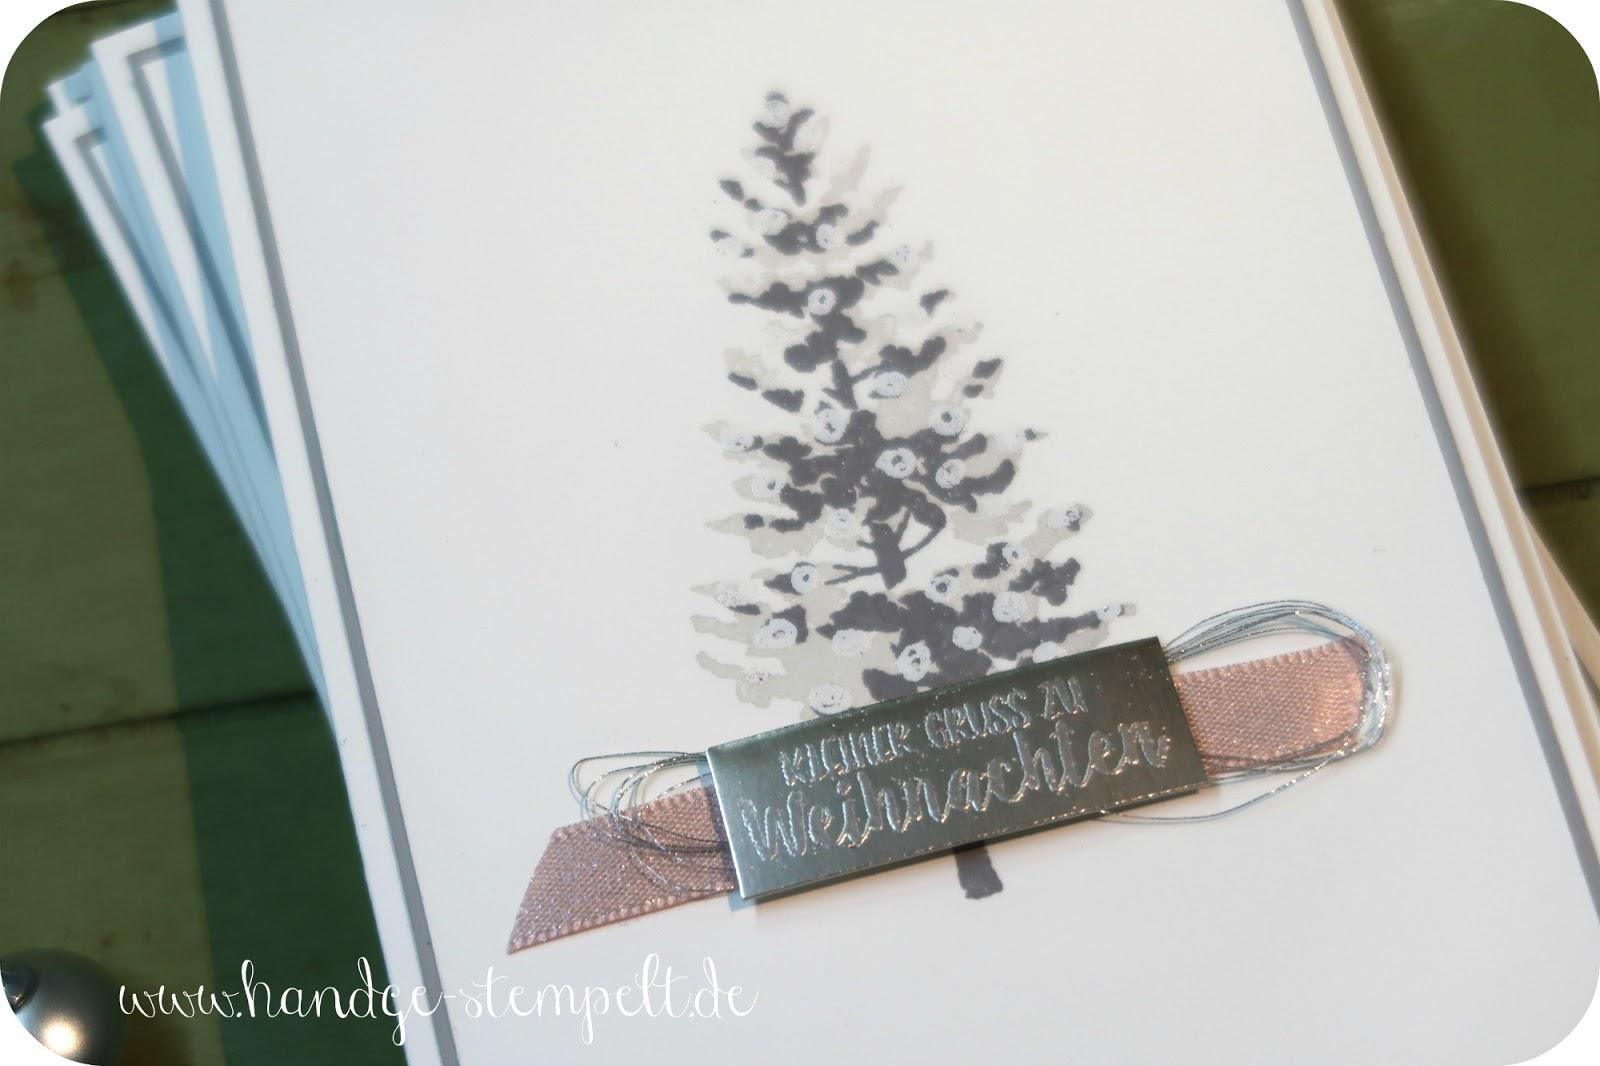 claudinchens kreative seite ein zarter weihnachtsbaum. Black Bedroom Furniture Sets. Home Design Ideas